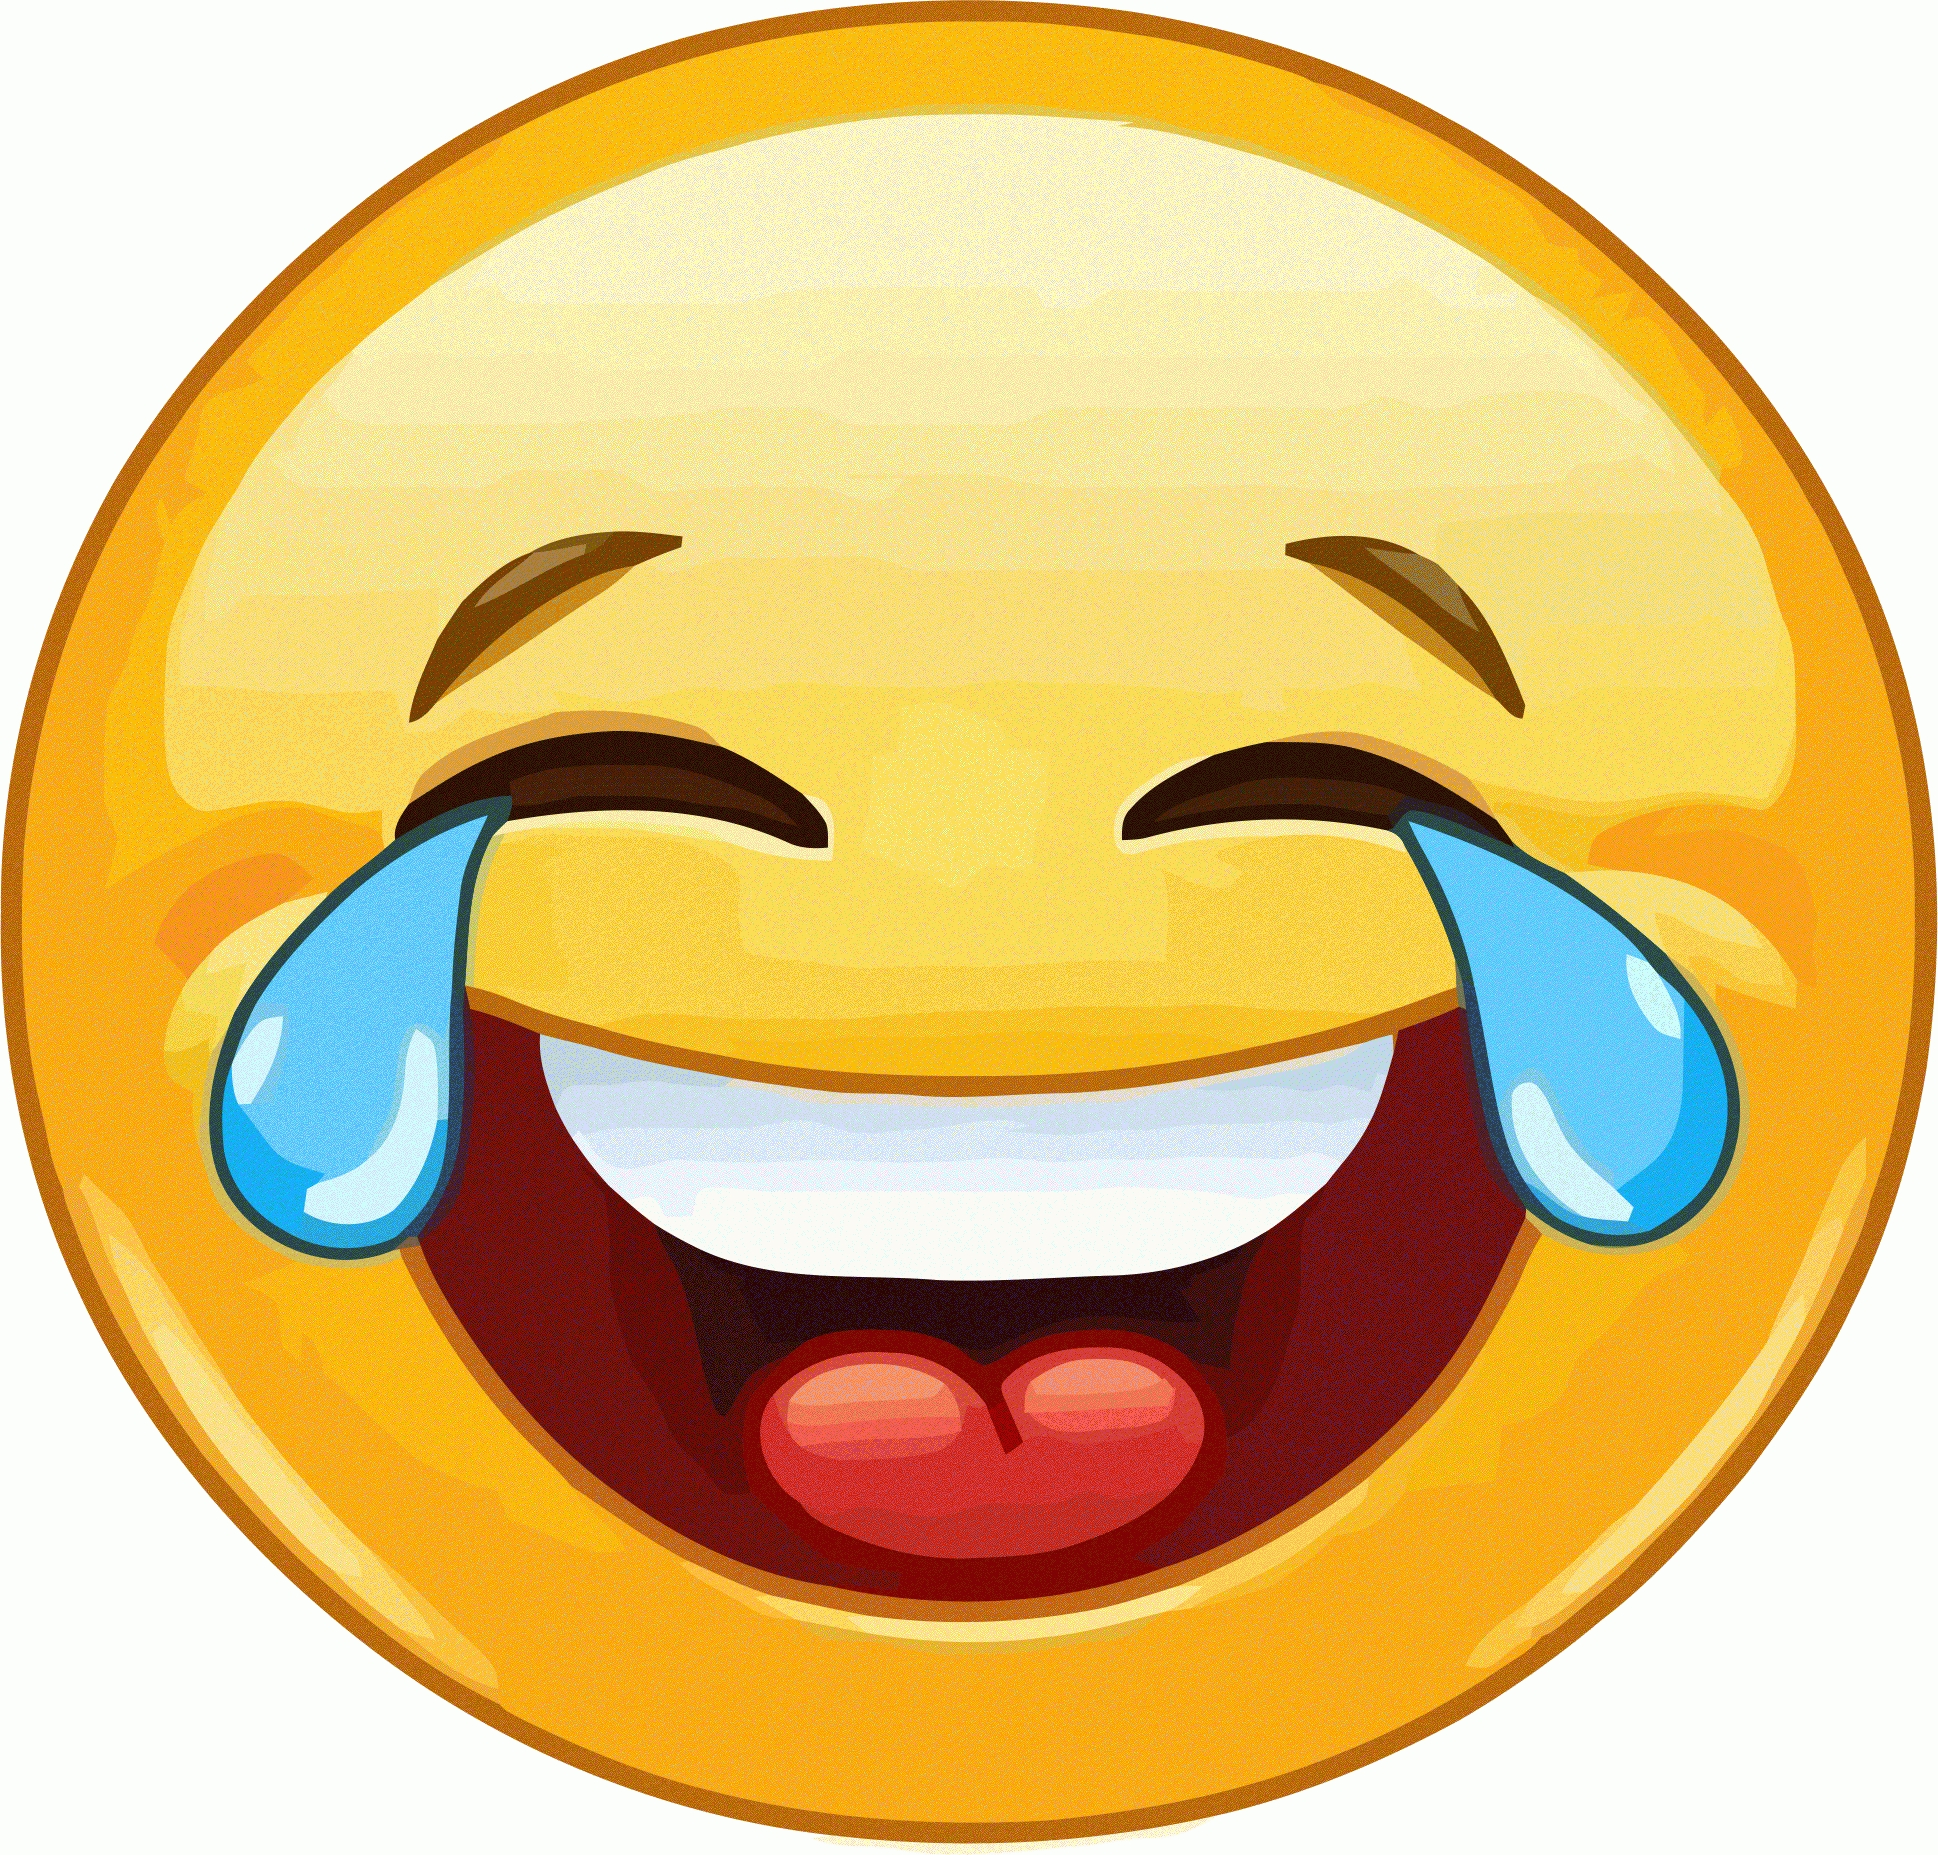 Laugh.